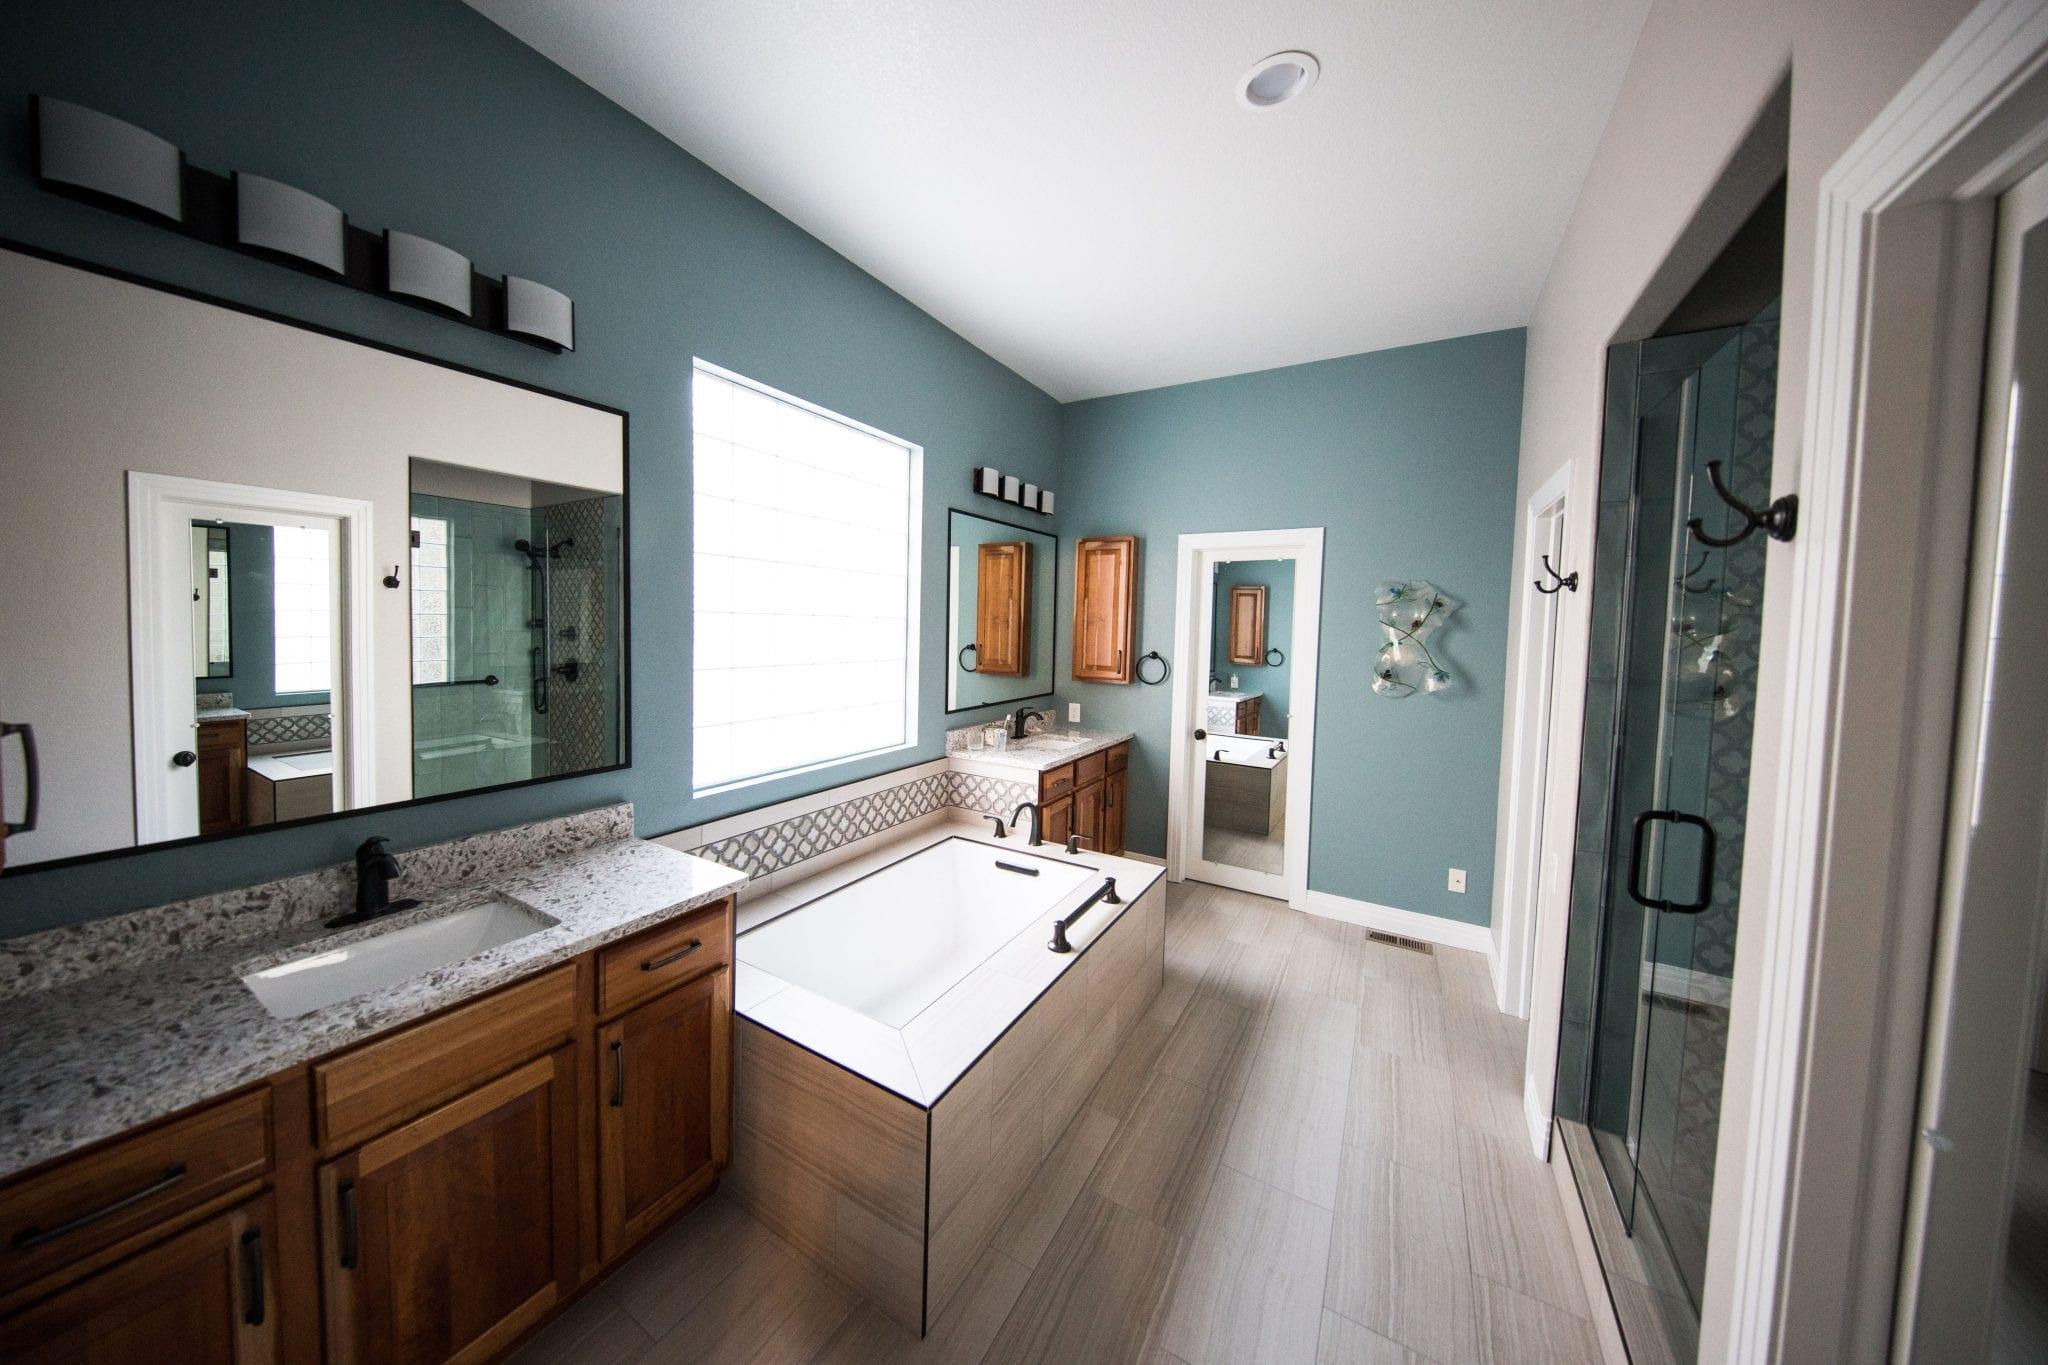 Creatieve Badkamer Ideeen : 10 creatieve styling ideeën voor moderne badkamers mediareus